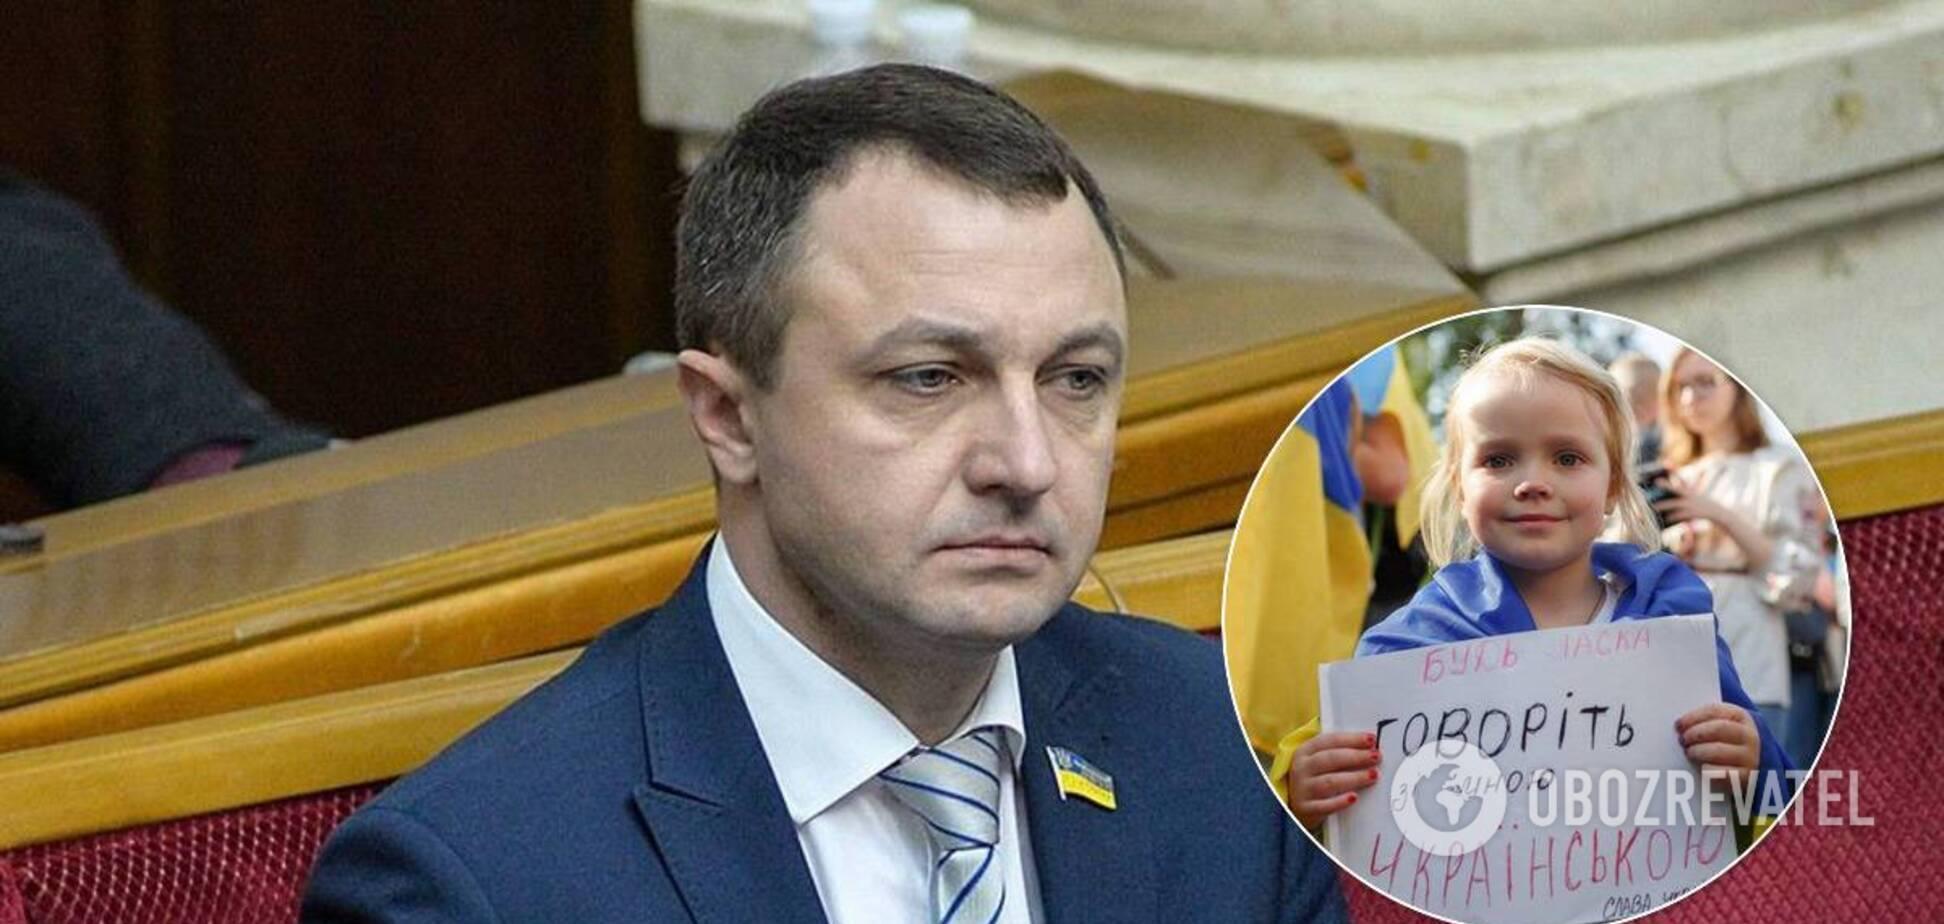 Мовний омбудсмен виступив проти законопроєкту Бужанського про русифікацію освіти